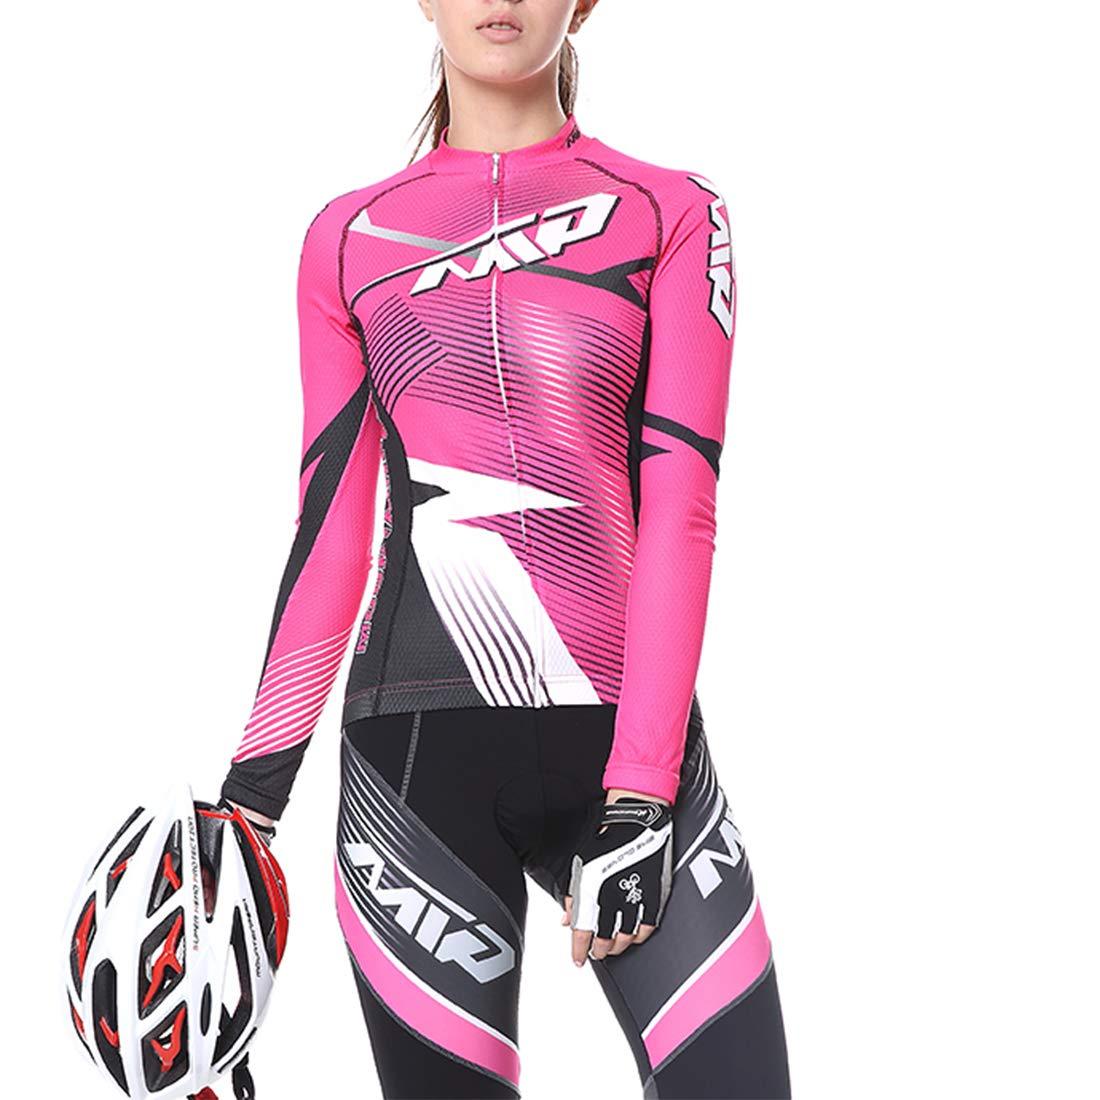 GWELL Damen Herren Radtrikot MTB Fahrradbekleidung Set Trikot Langarm Radhose mit 3D Sitzpolster f/ür Radsport